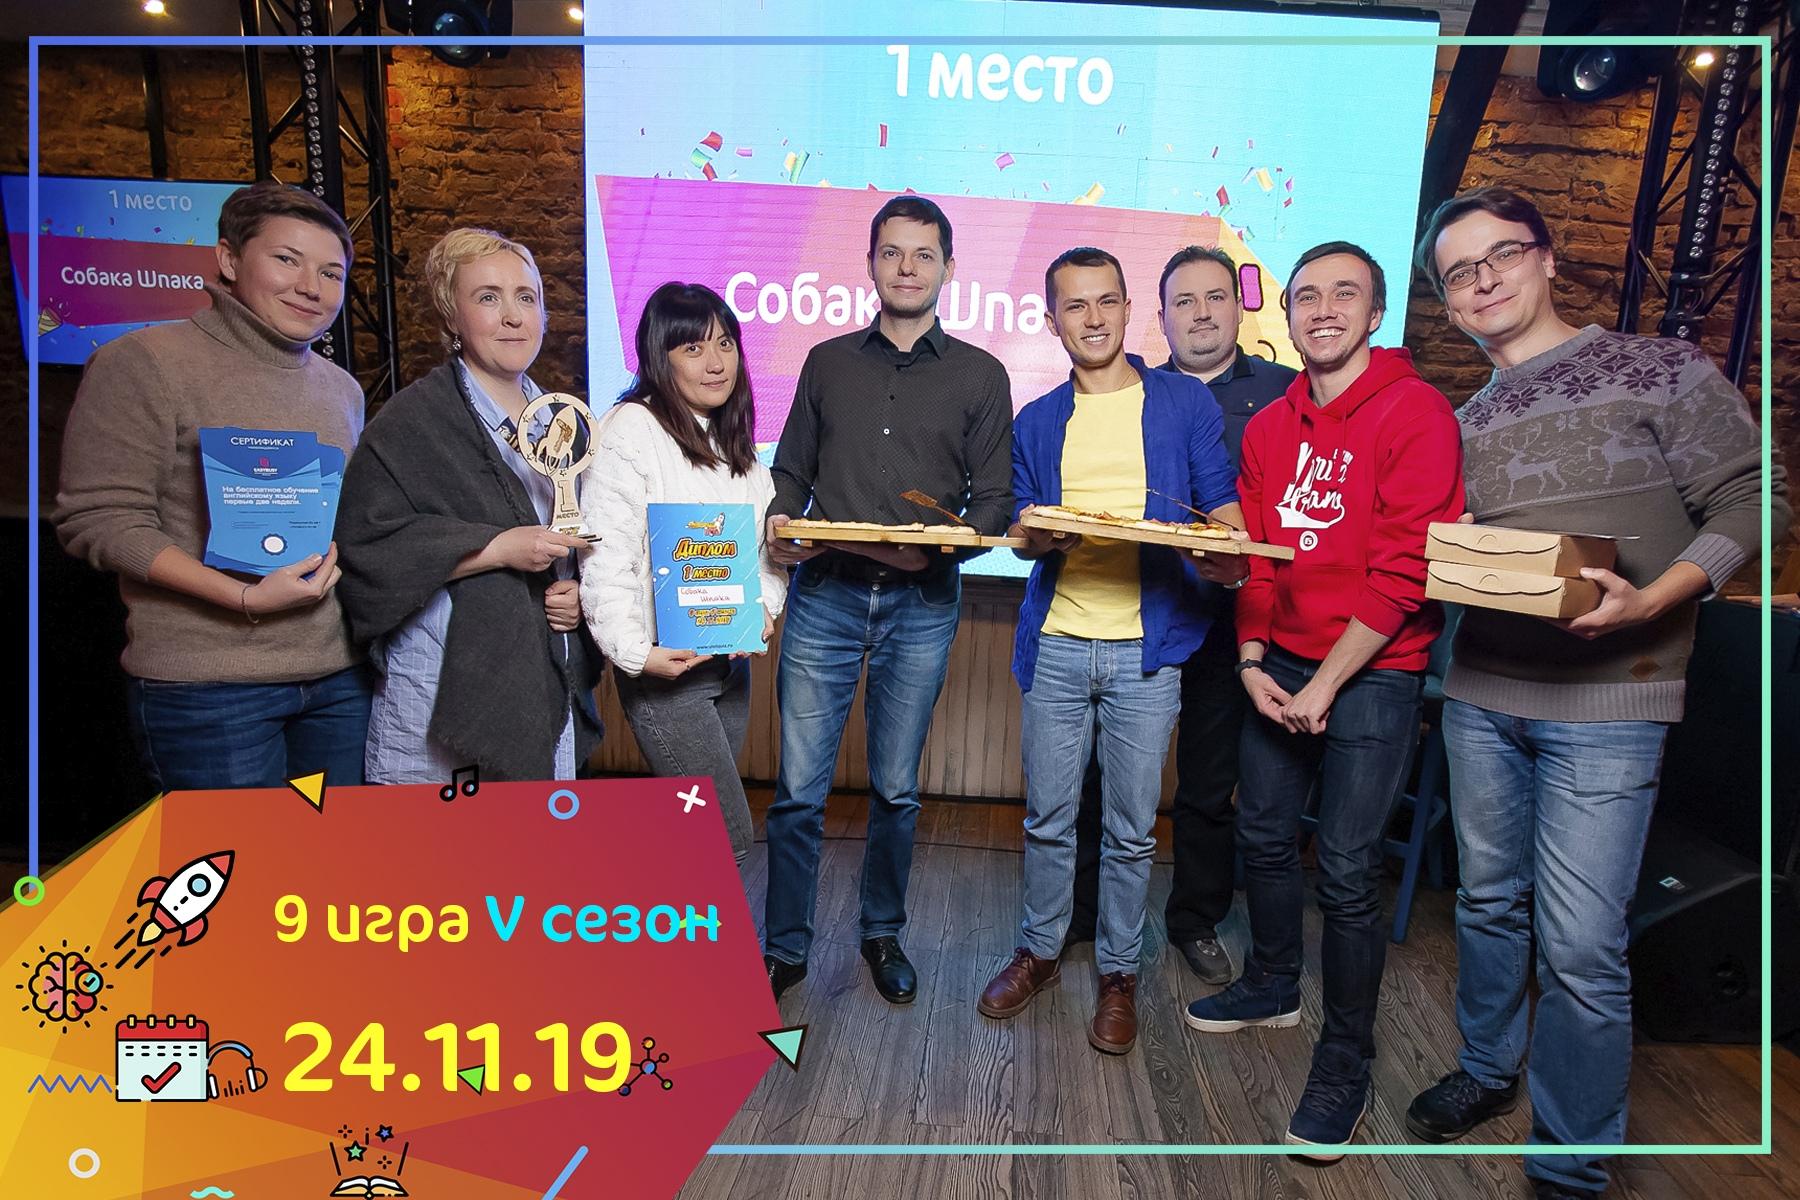 Игра №9 V сезона Улётный Квиз 24.10.2019 (145 фото)